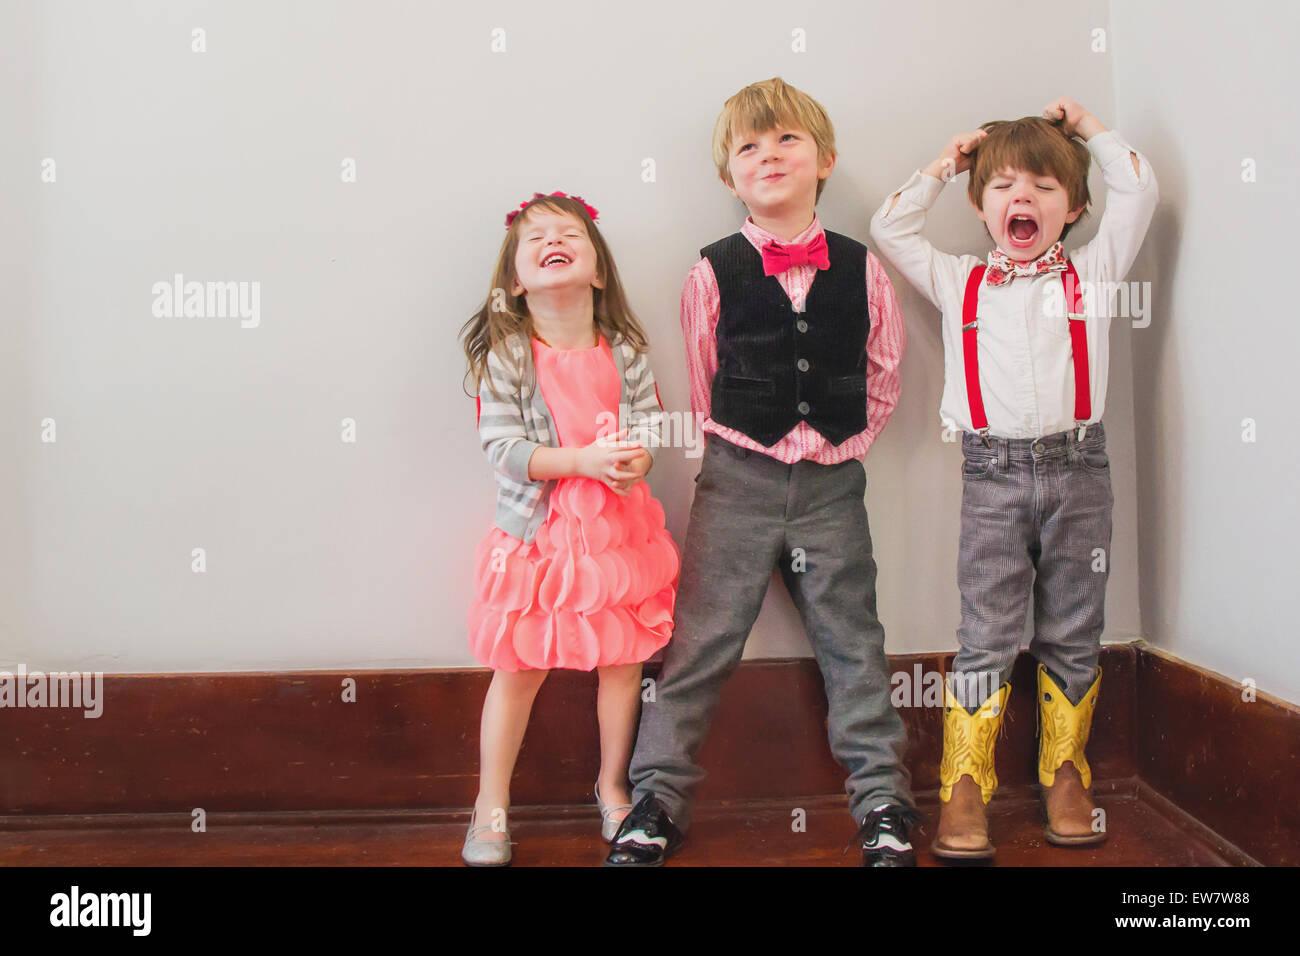 Drei Kinder verkleidet Flickschusterei Stockbild